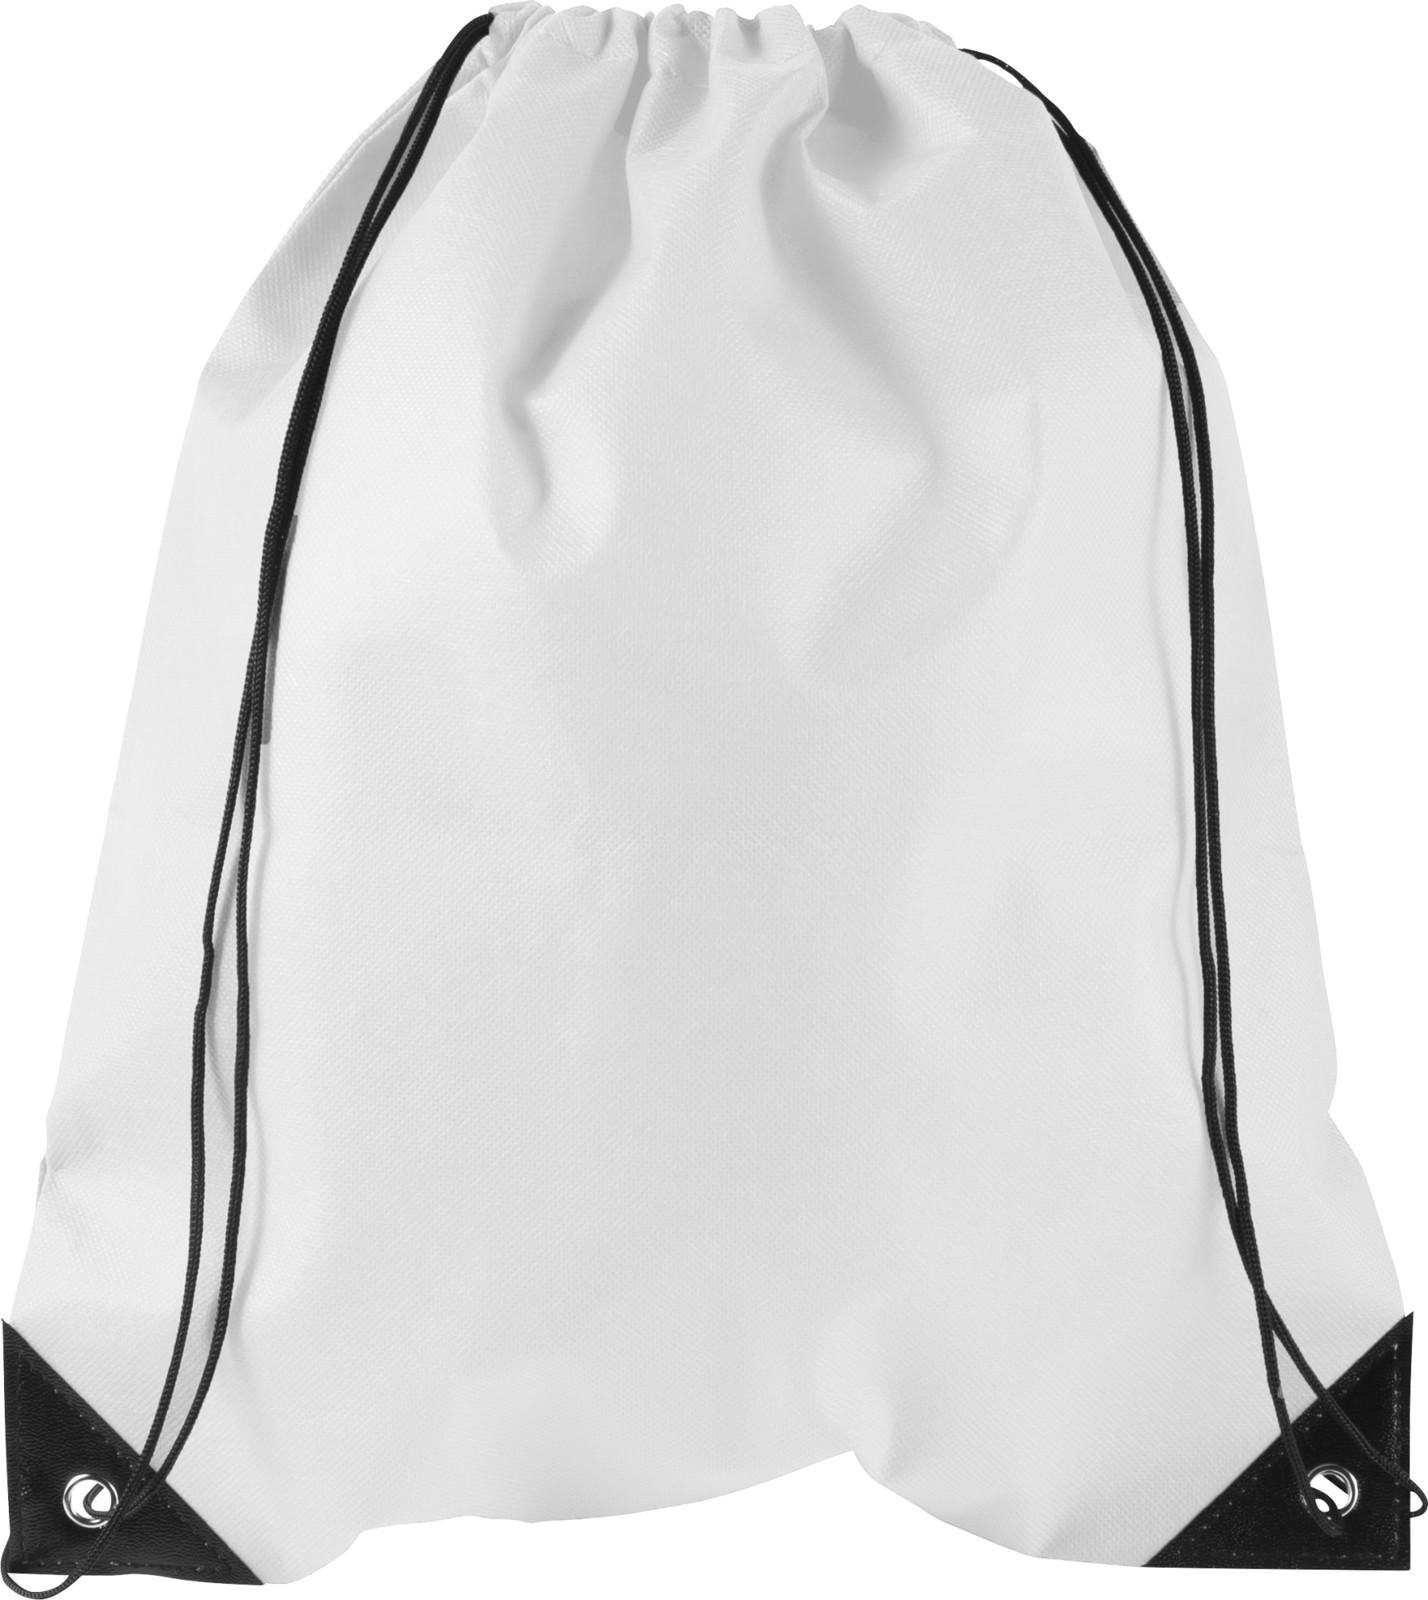 Nonwoven (80 gr/m²) drawstring backpack - White